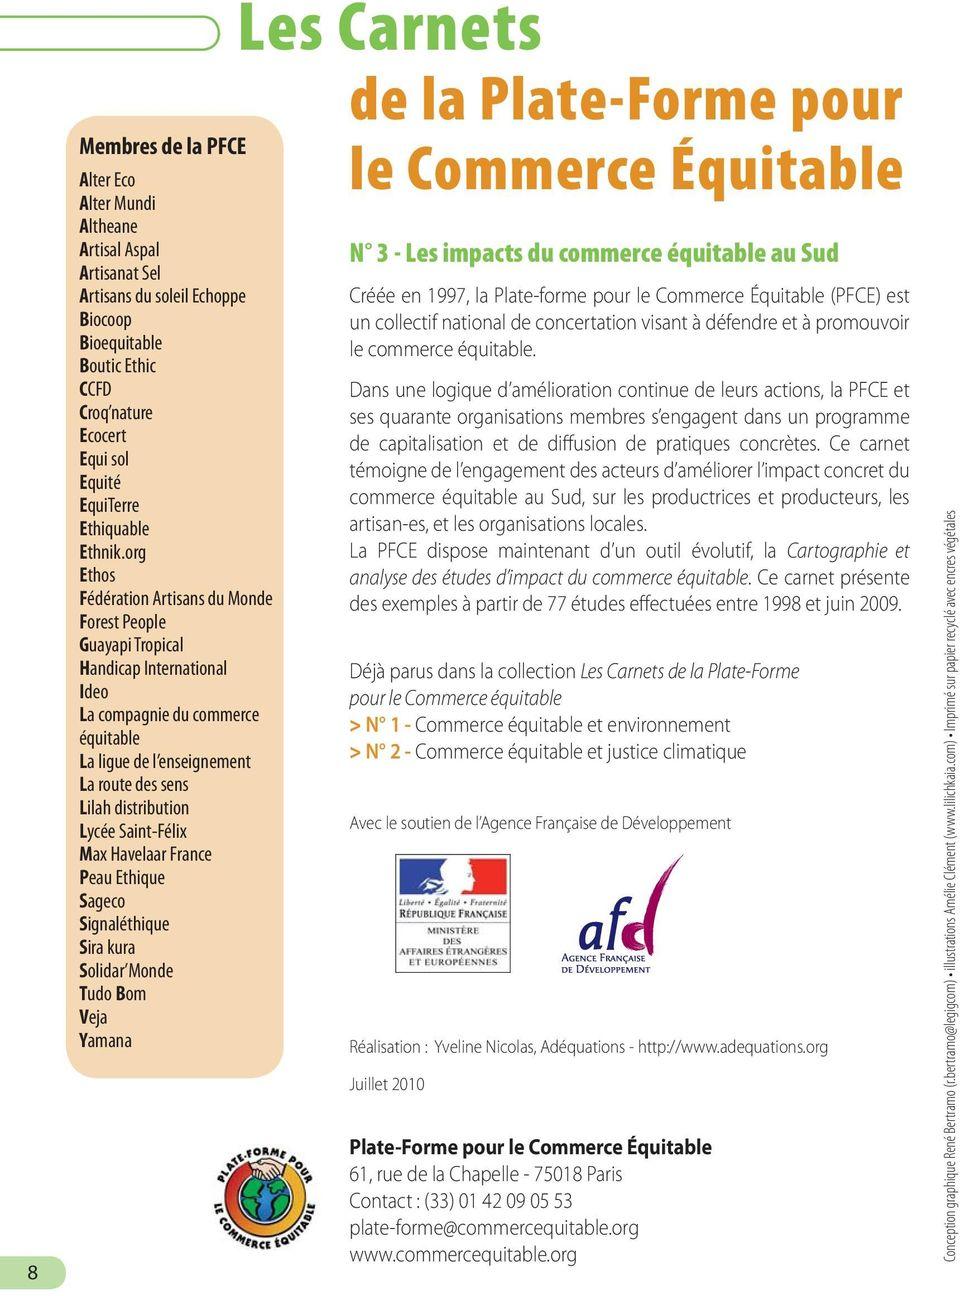 Les Carnets de la Plate-Forme pour le Commerce Équitable Les ...